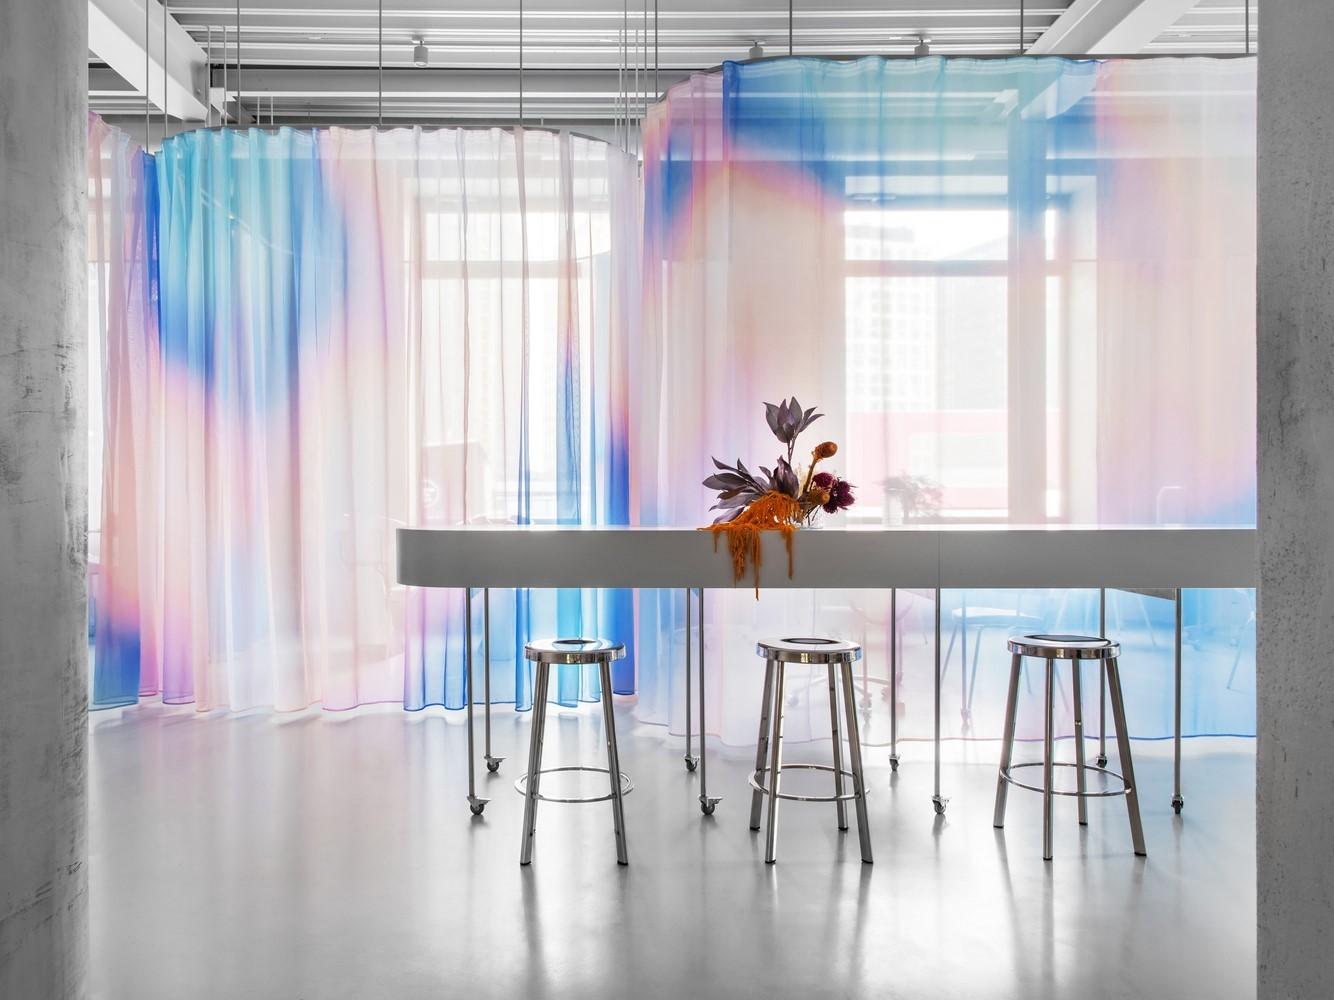 Tendencias en diseño y construcción del 2020: Lo recurrente, popular, relevante y sustancial,Sfera Beauty Co-working / Eduard Eremchuk. Image © Inna Kablukova